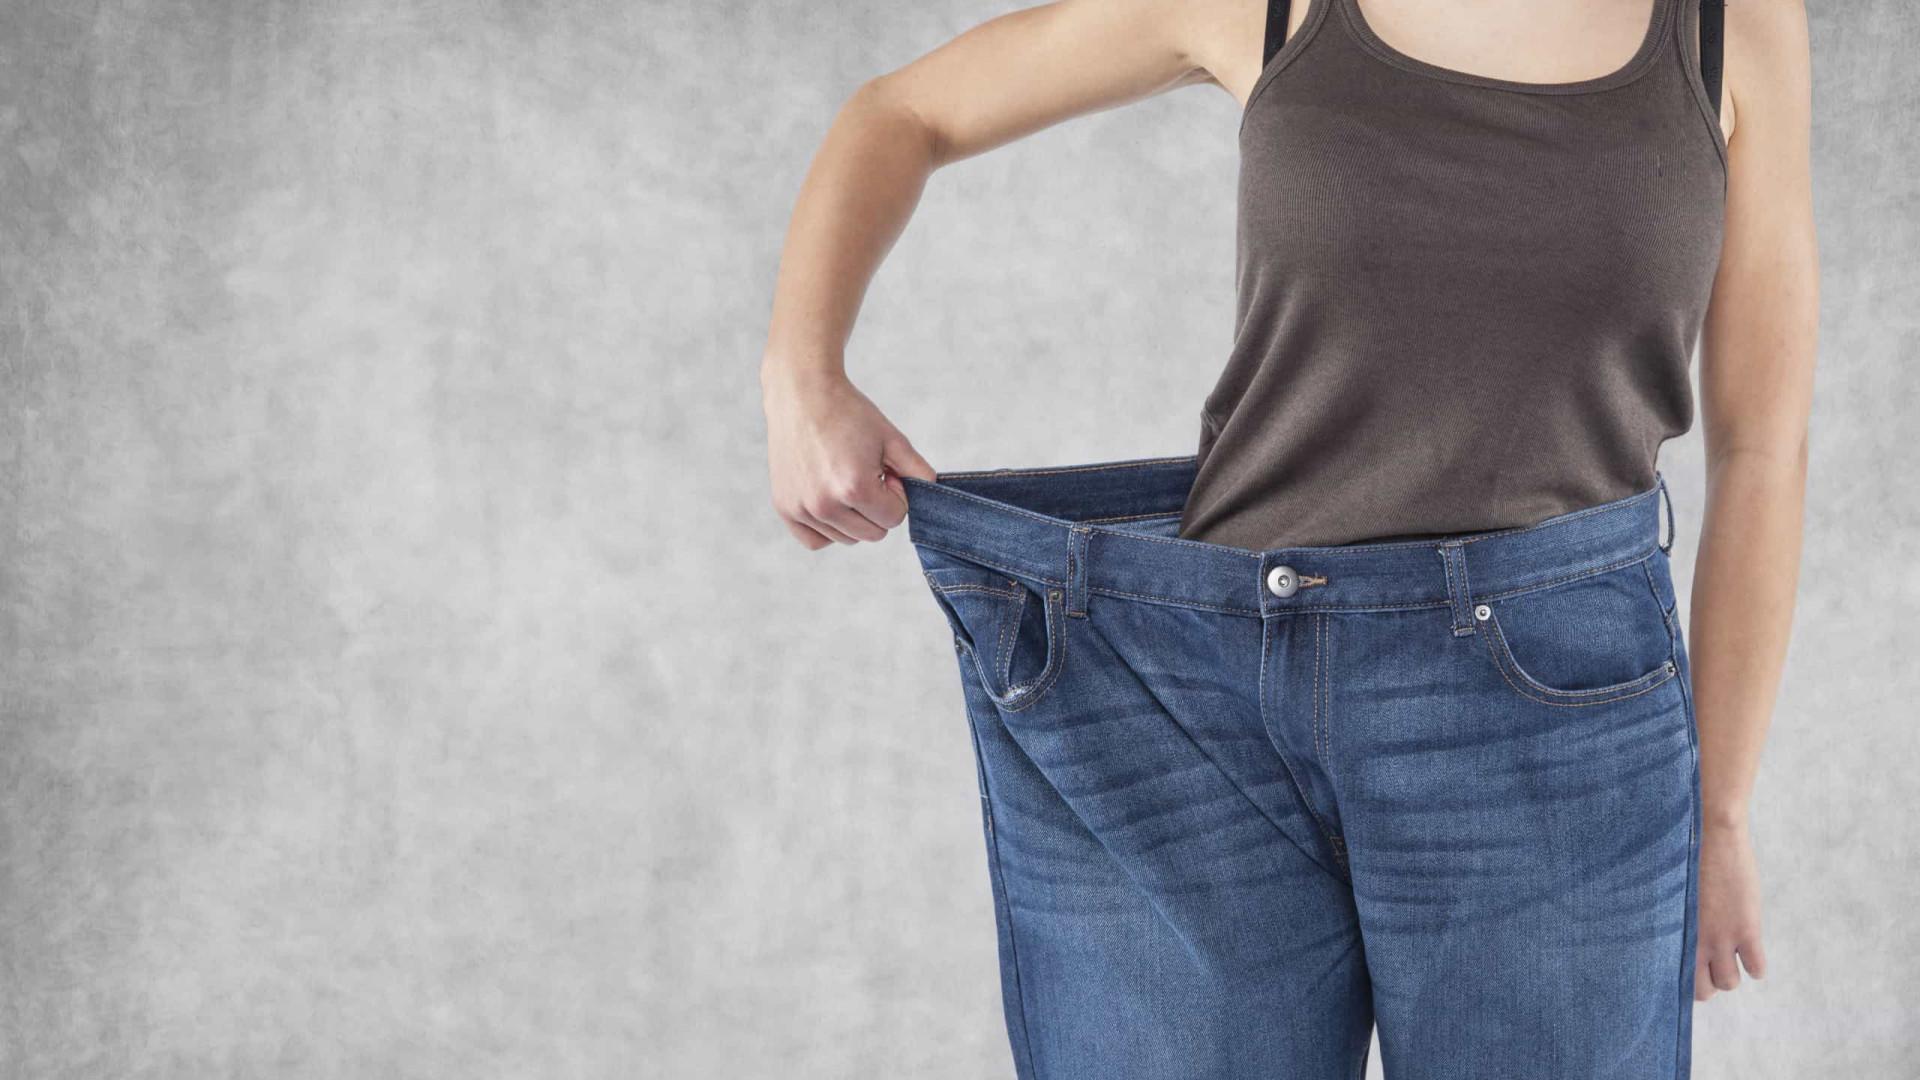 O lado negro da perda de peso extrema